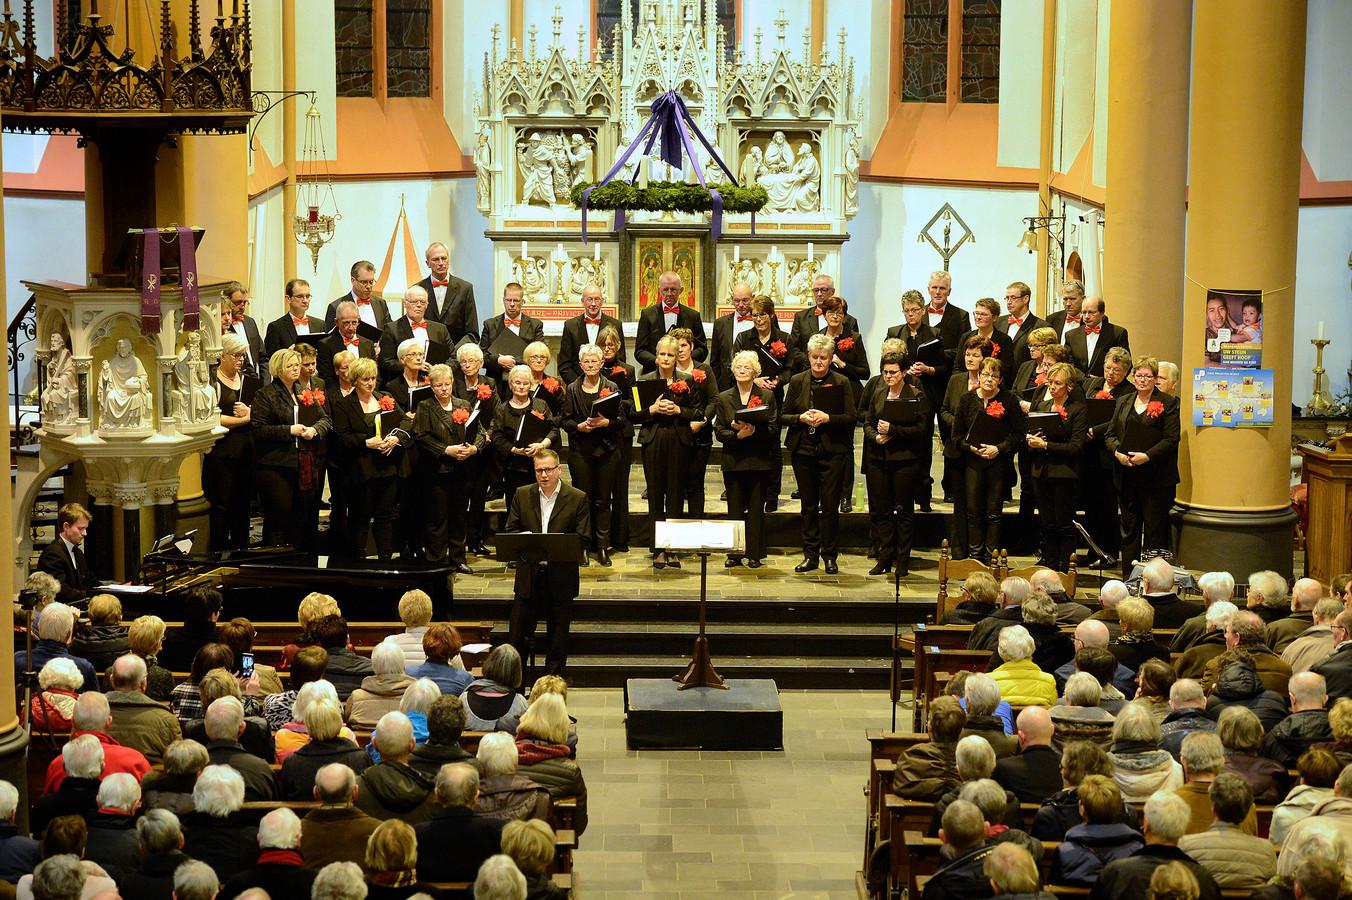 Het Pancratiuskoor zingt zondagochtend in alle vroegte voor de deelnemers aan de Samenloop voor Hoop.